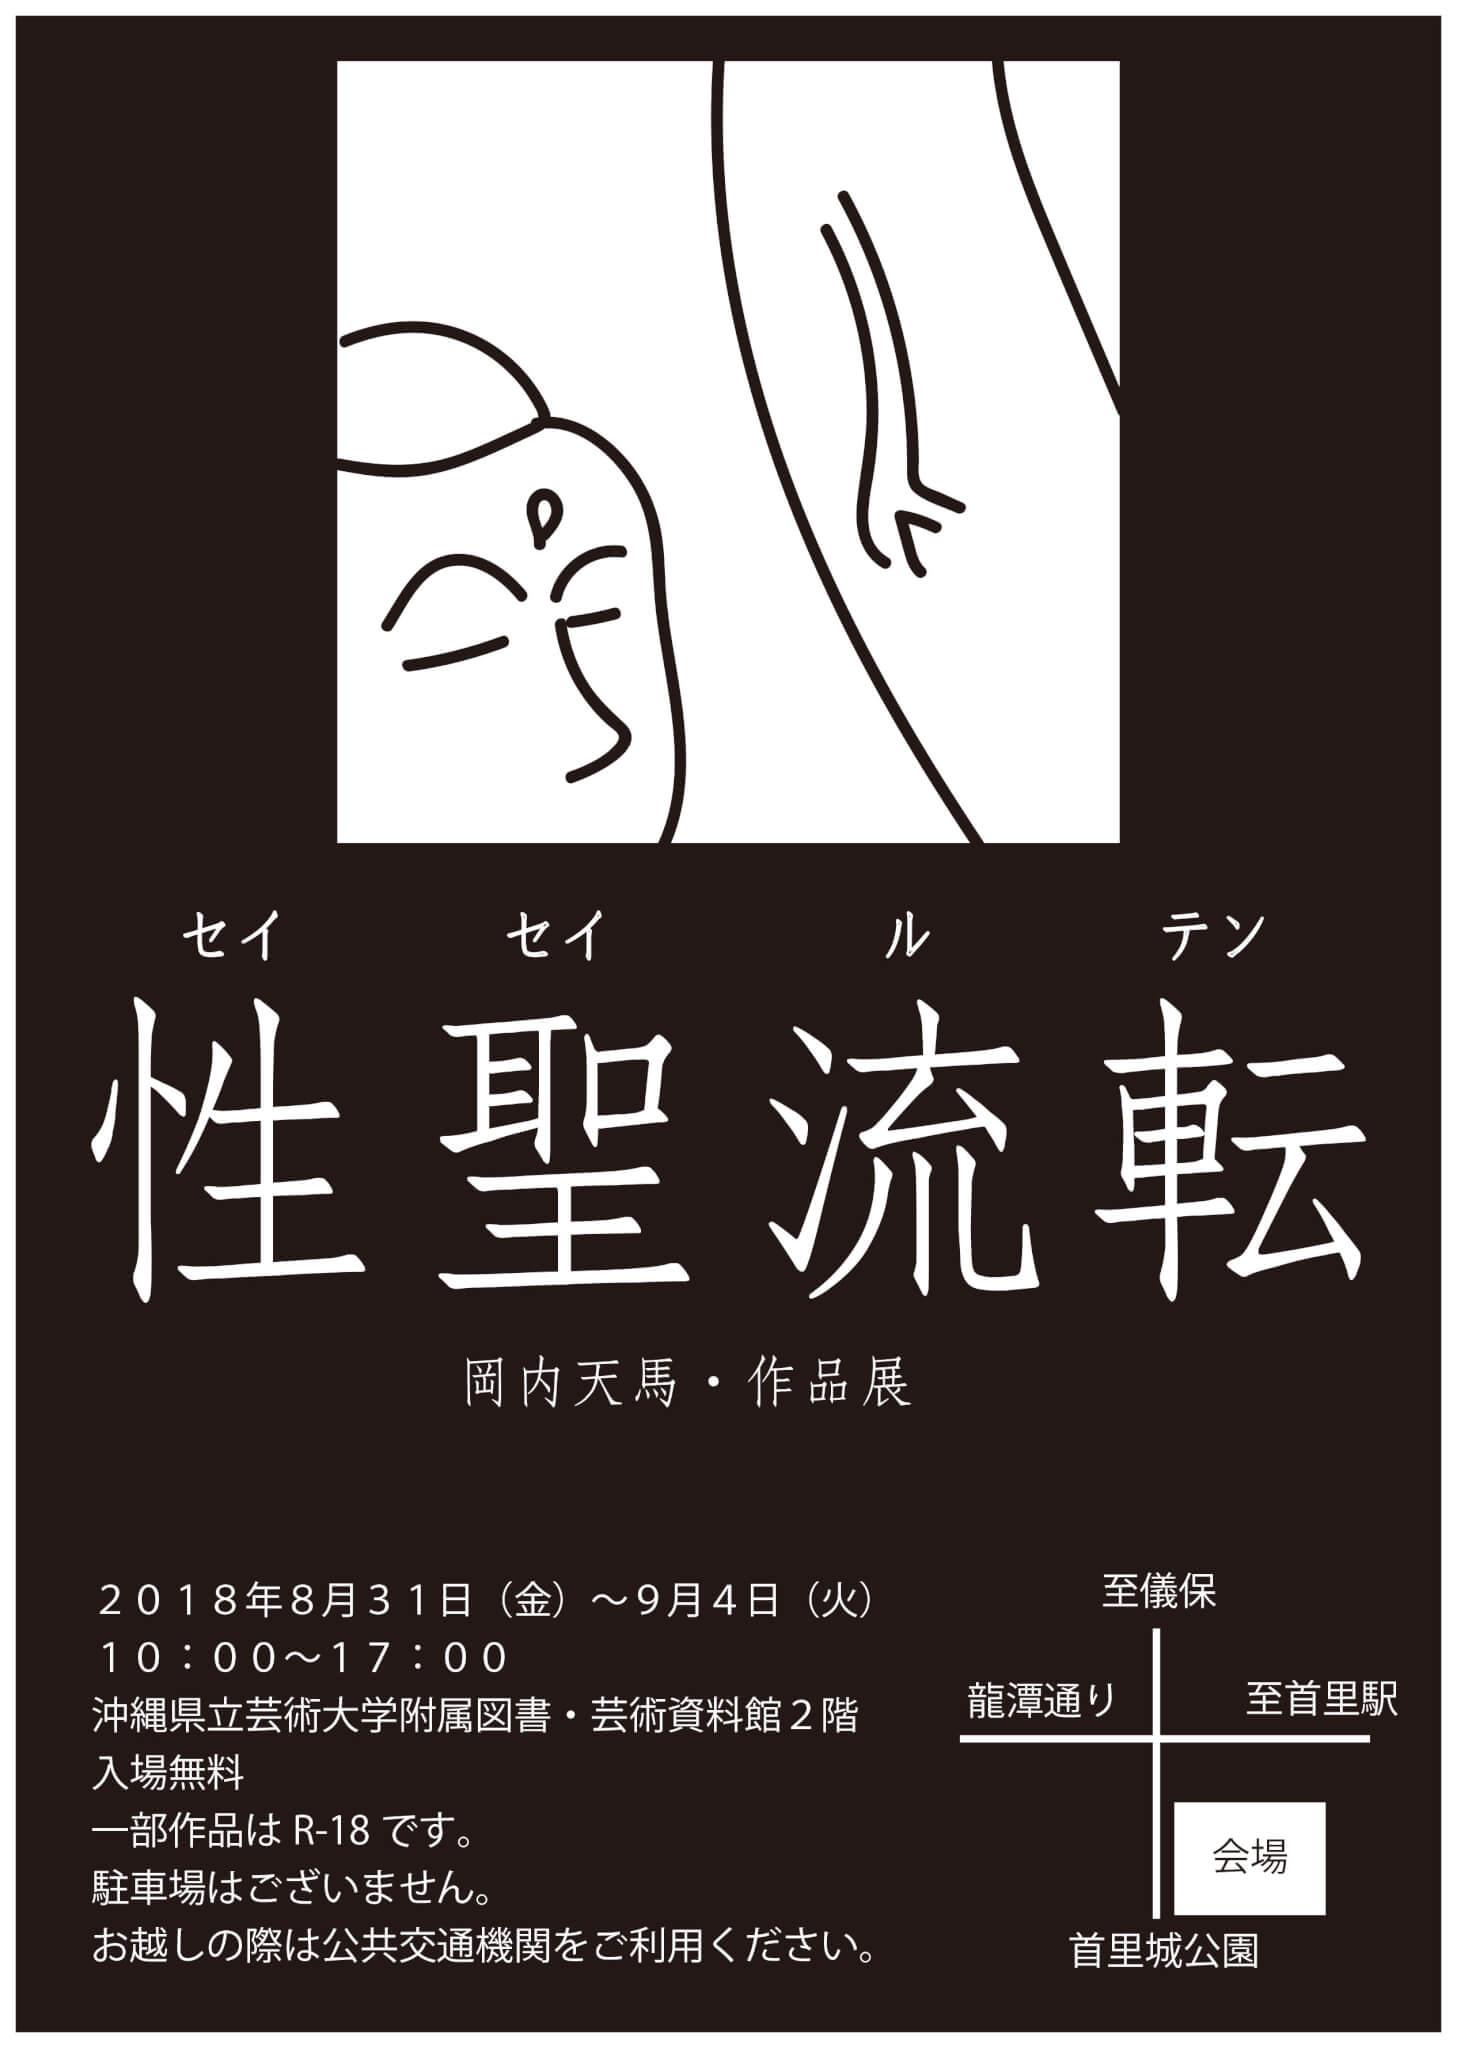 [フライヤー]性聖流転 岡内天馬・作品展